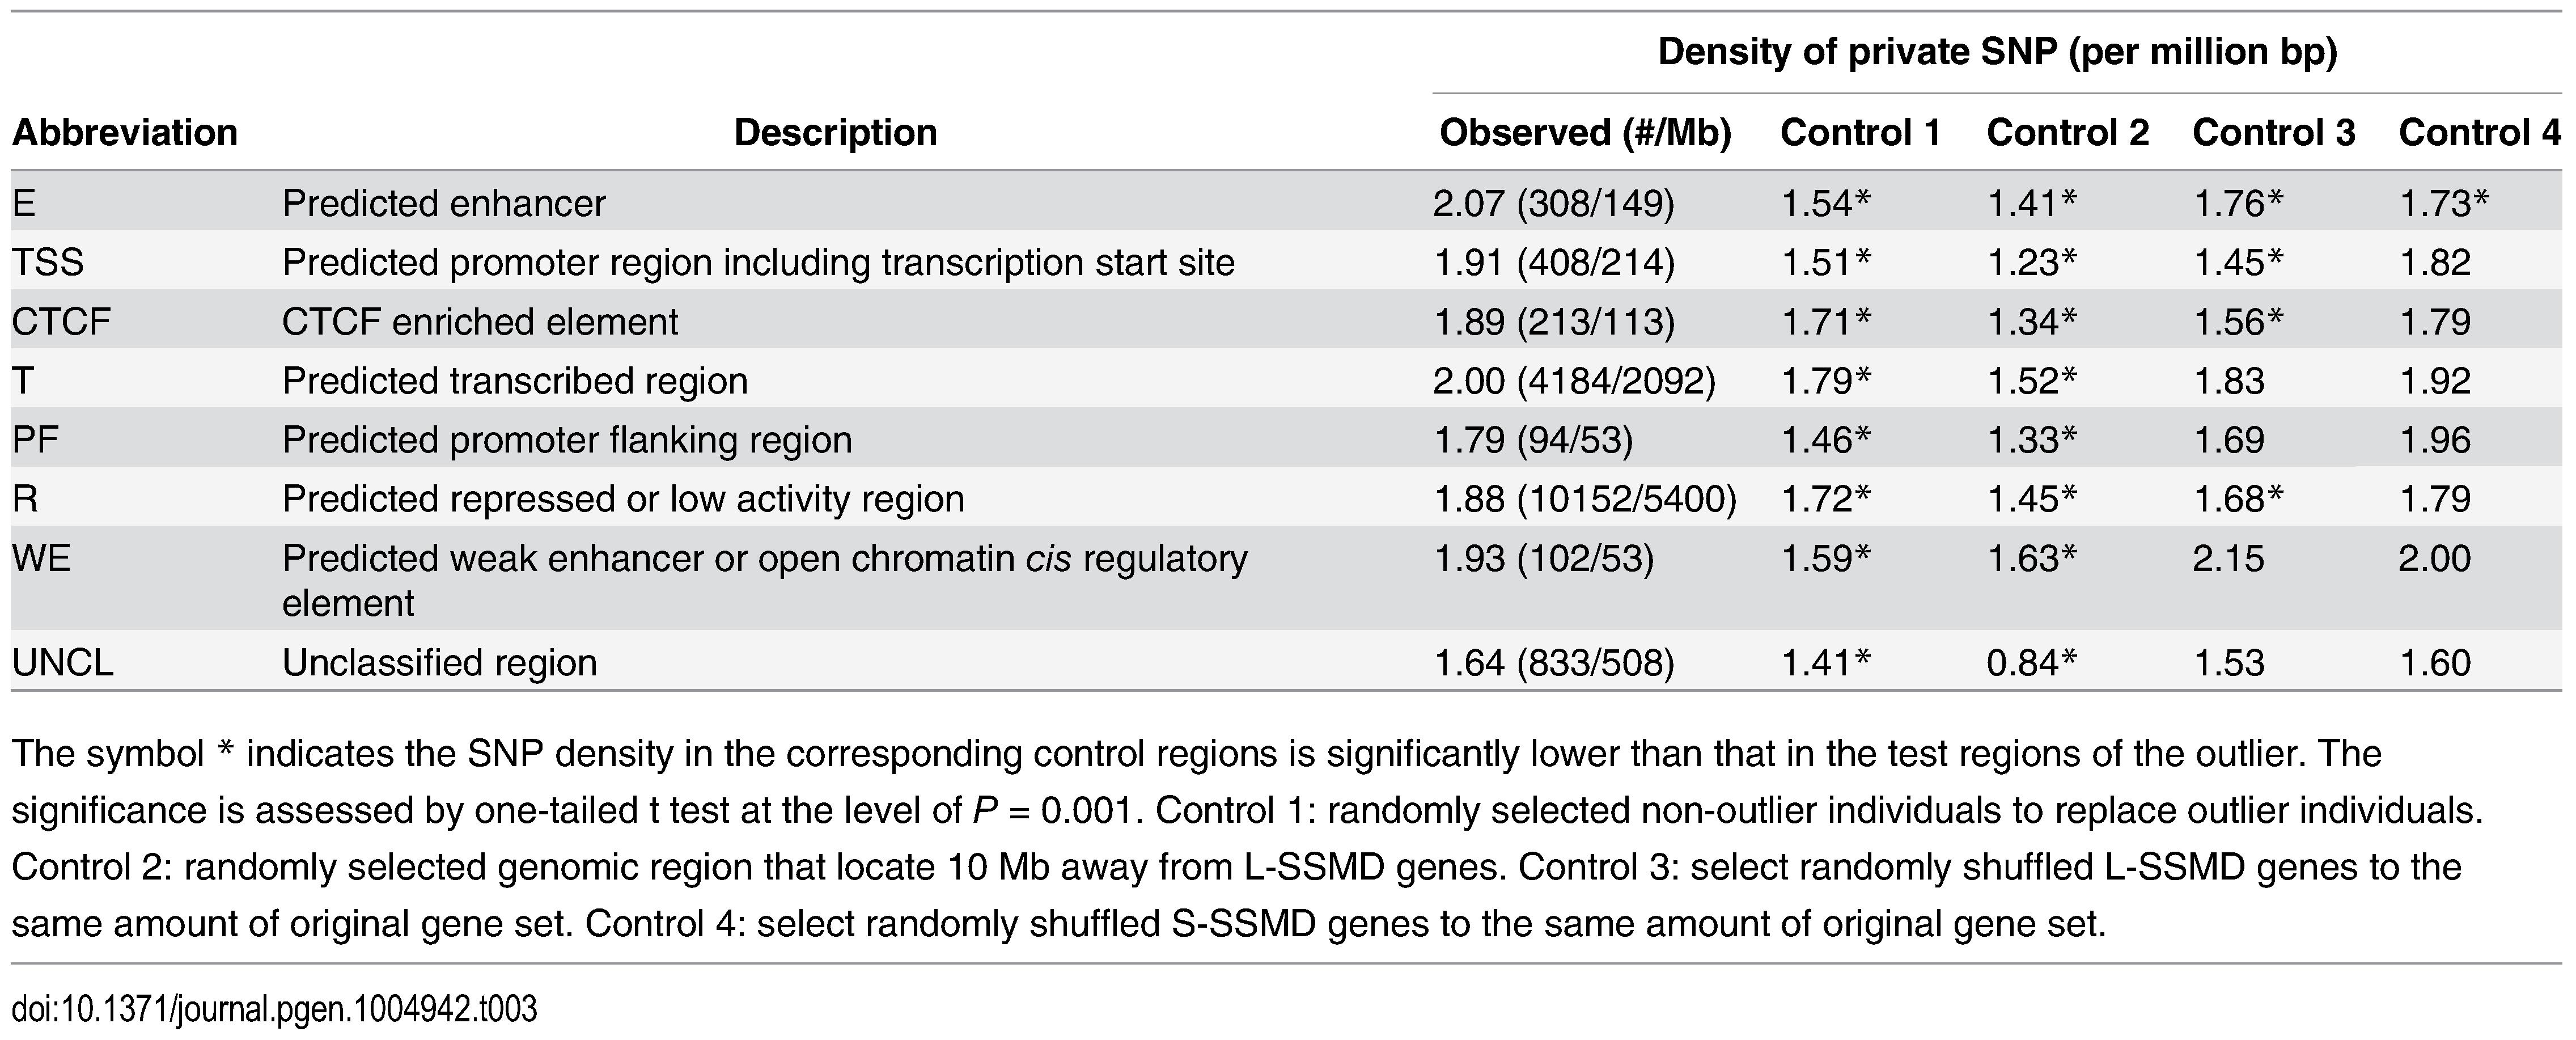 Density of private SNPs in ENCODE regulatory regions of L-SSMD genes.